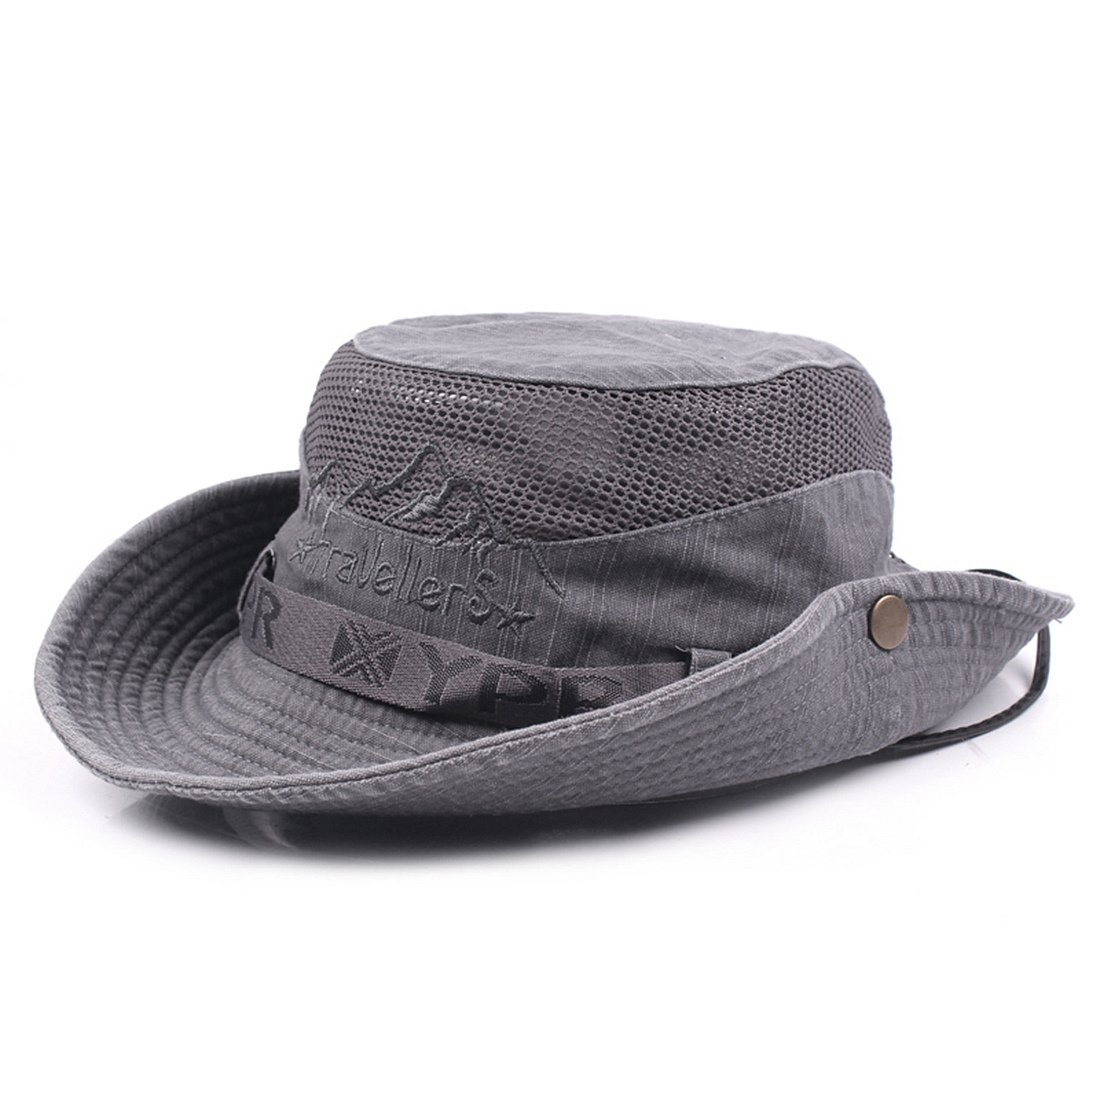 Cappello di pesca del cappelli della cinghia del ricamo del cotone dell'uomo di estate Cappello del pescatore Cappello esterno di arrampicata all'aperto del parasole KeepSa AC2A12-03